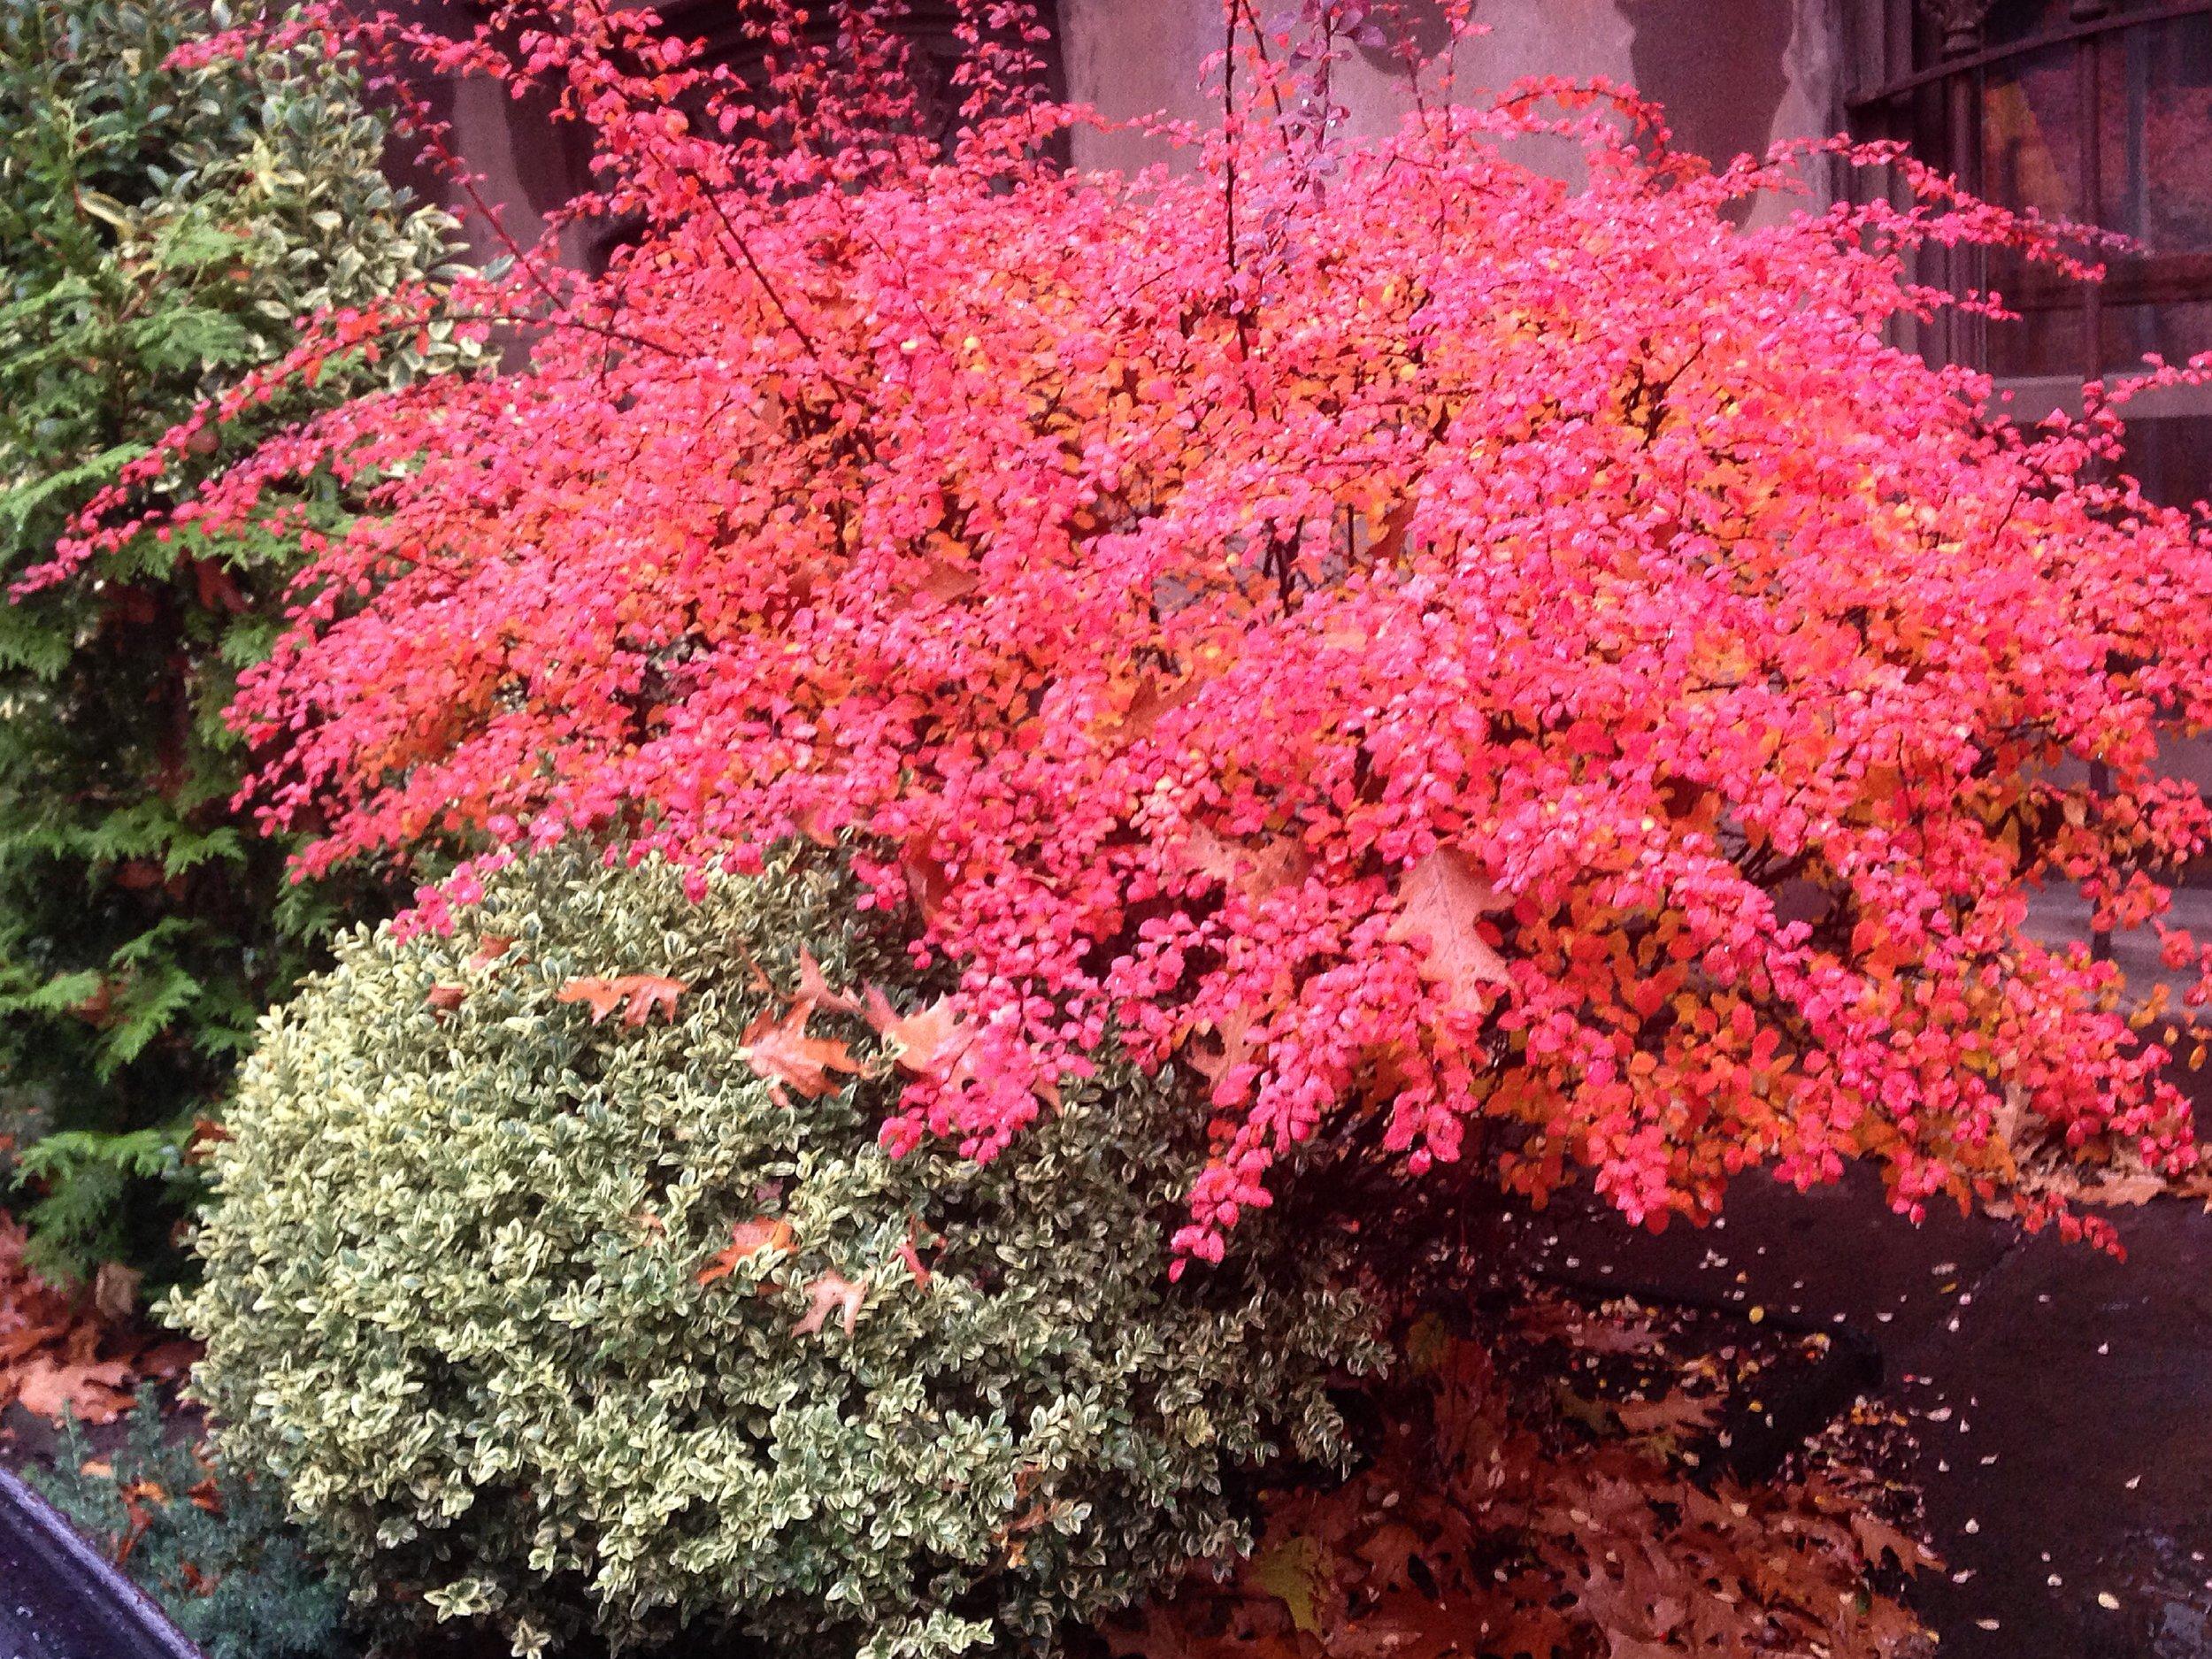 Spirea bush in Clinton Hill neighborhood.